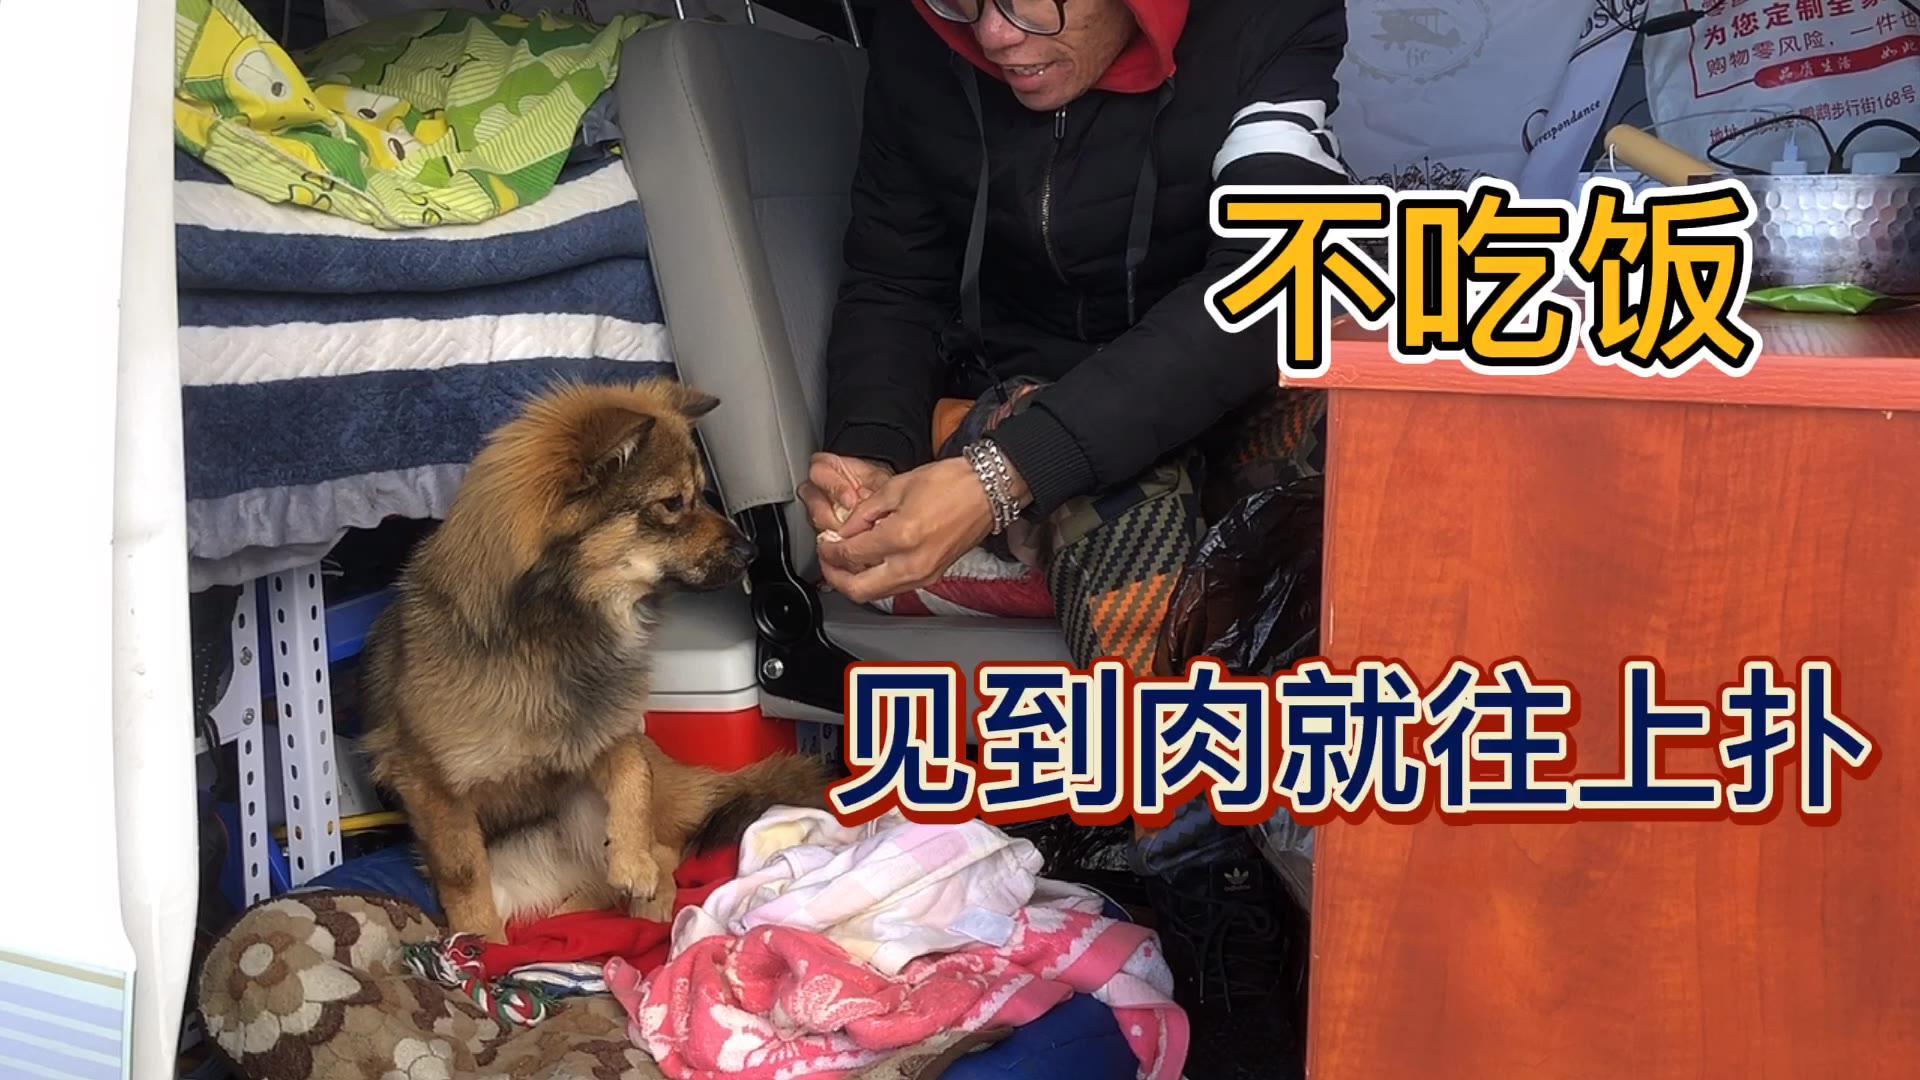 带的土狗自驾西藏高反食欲不振,煮鸡腿给它补,结果它是骗我的